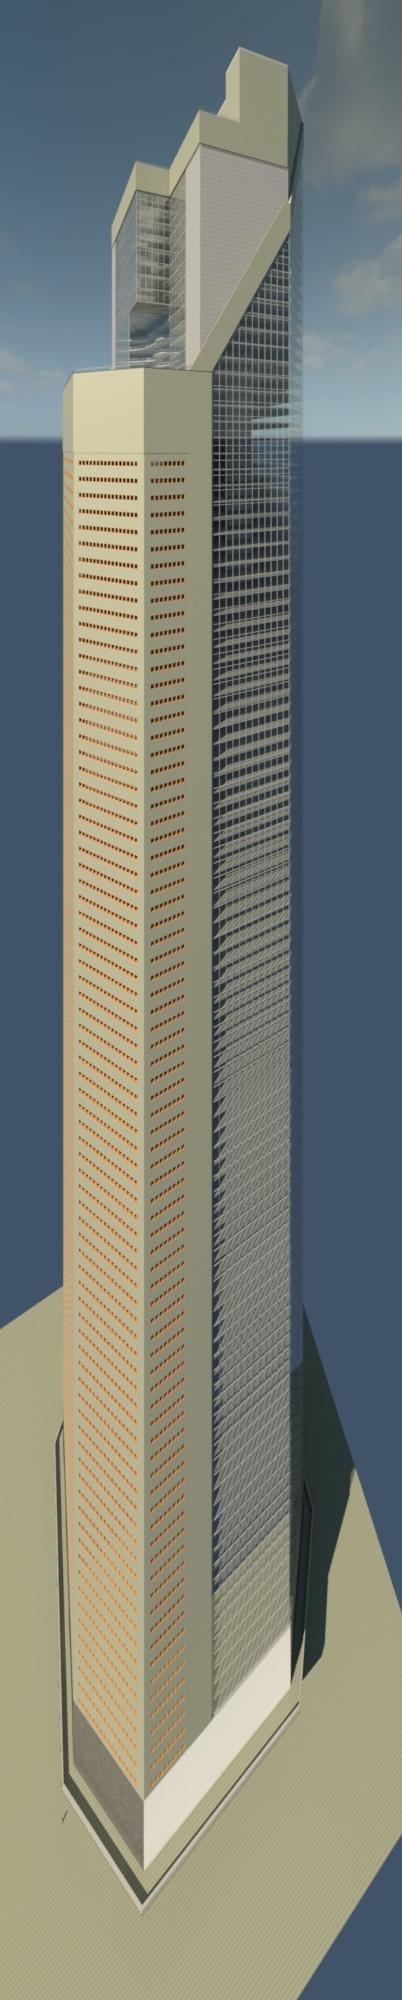 Raas-rendering20141118-6536-yx4s2